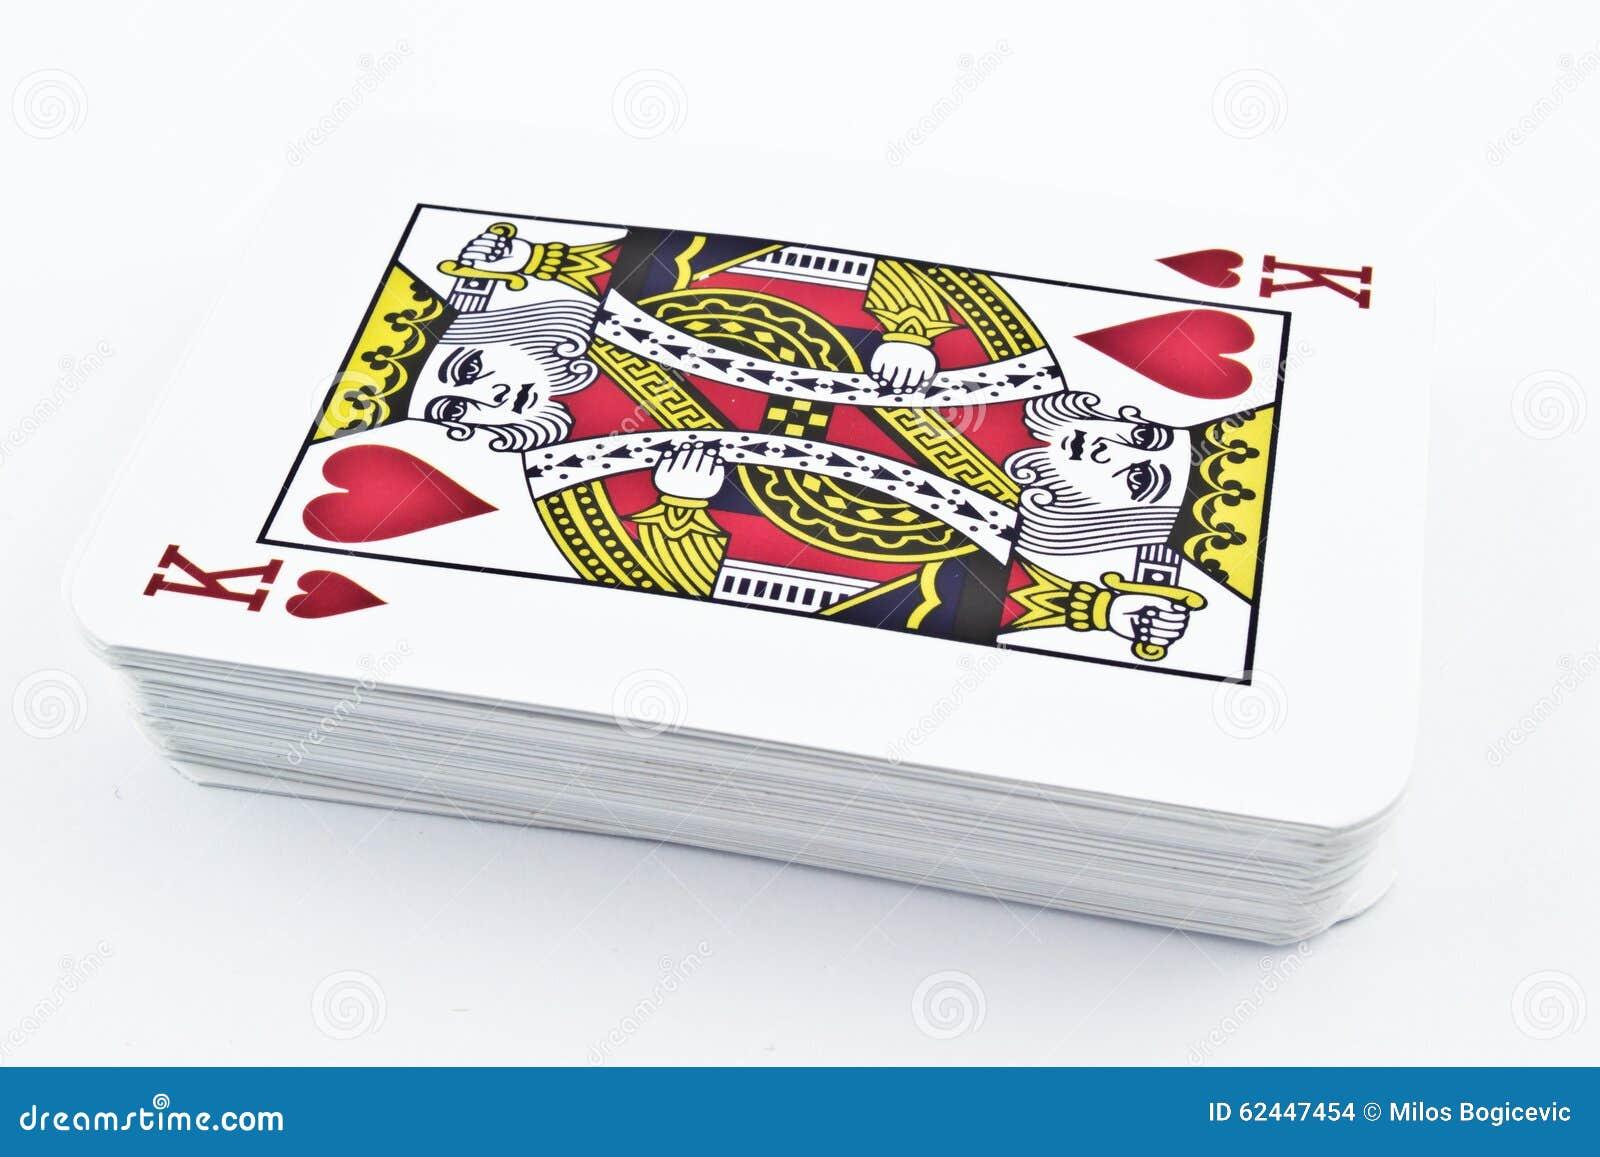 Κάρτες παιχνιδιού χαρτονιού για τα παιχνίδια καρτών - καρδιές βασιλιάδων